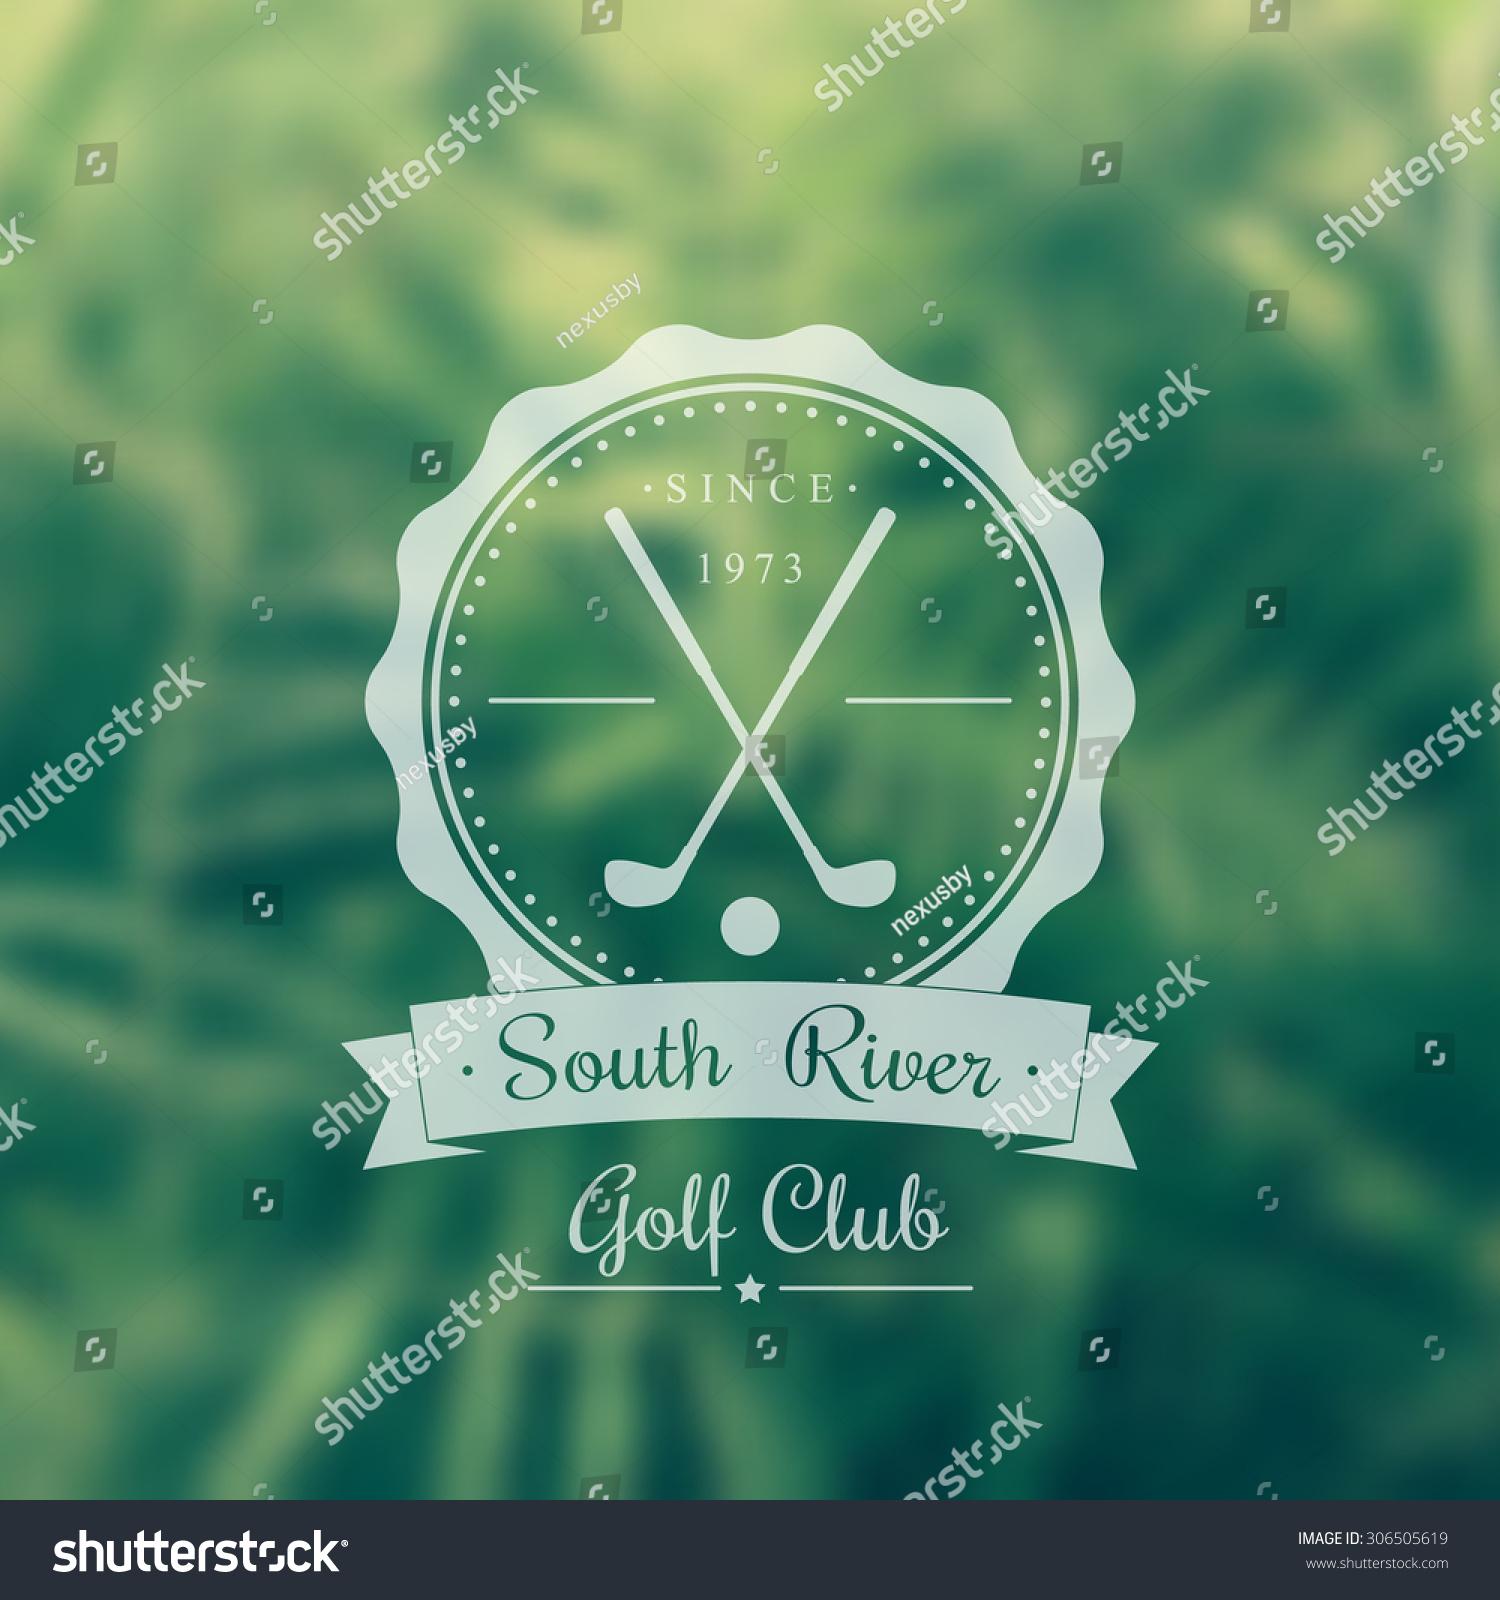 Golf Club Vintage Logo Emblem Sign On Blur Background Vector Illustration Eps10